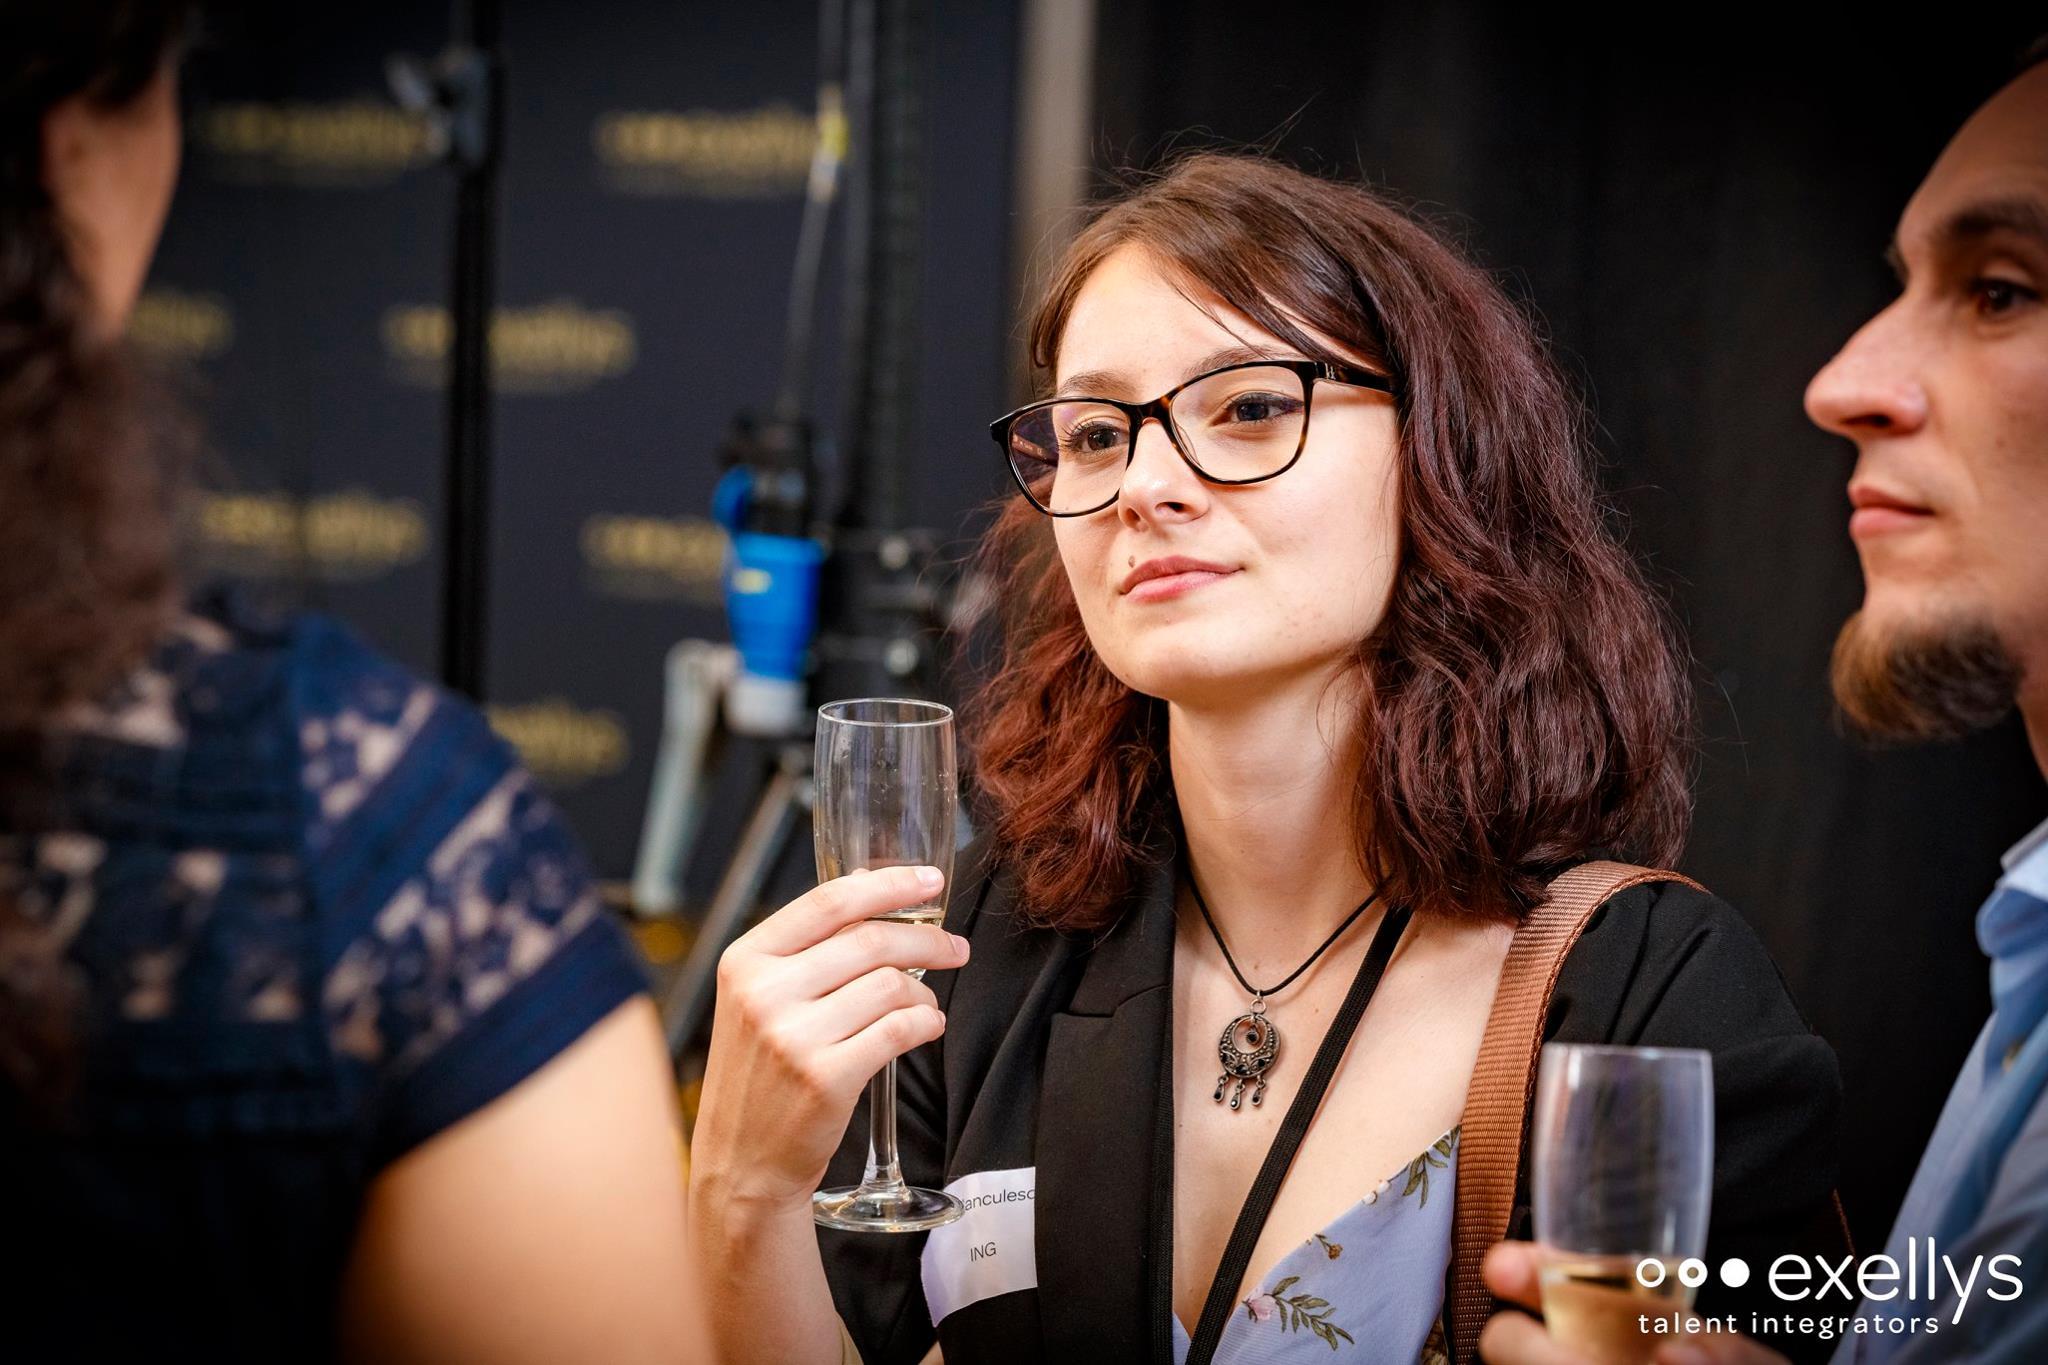 Mara Ianculescu